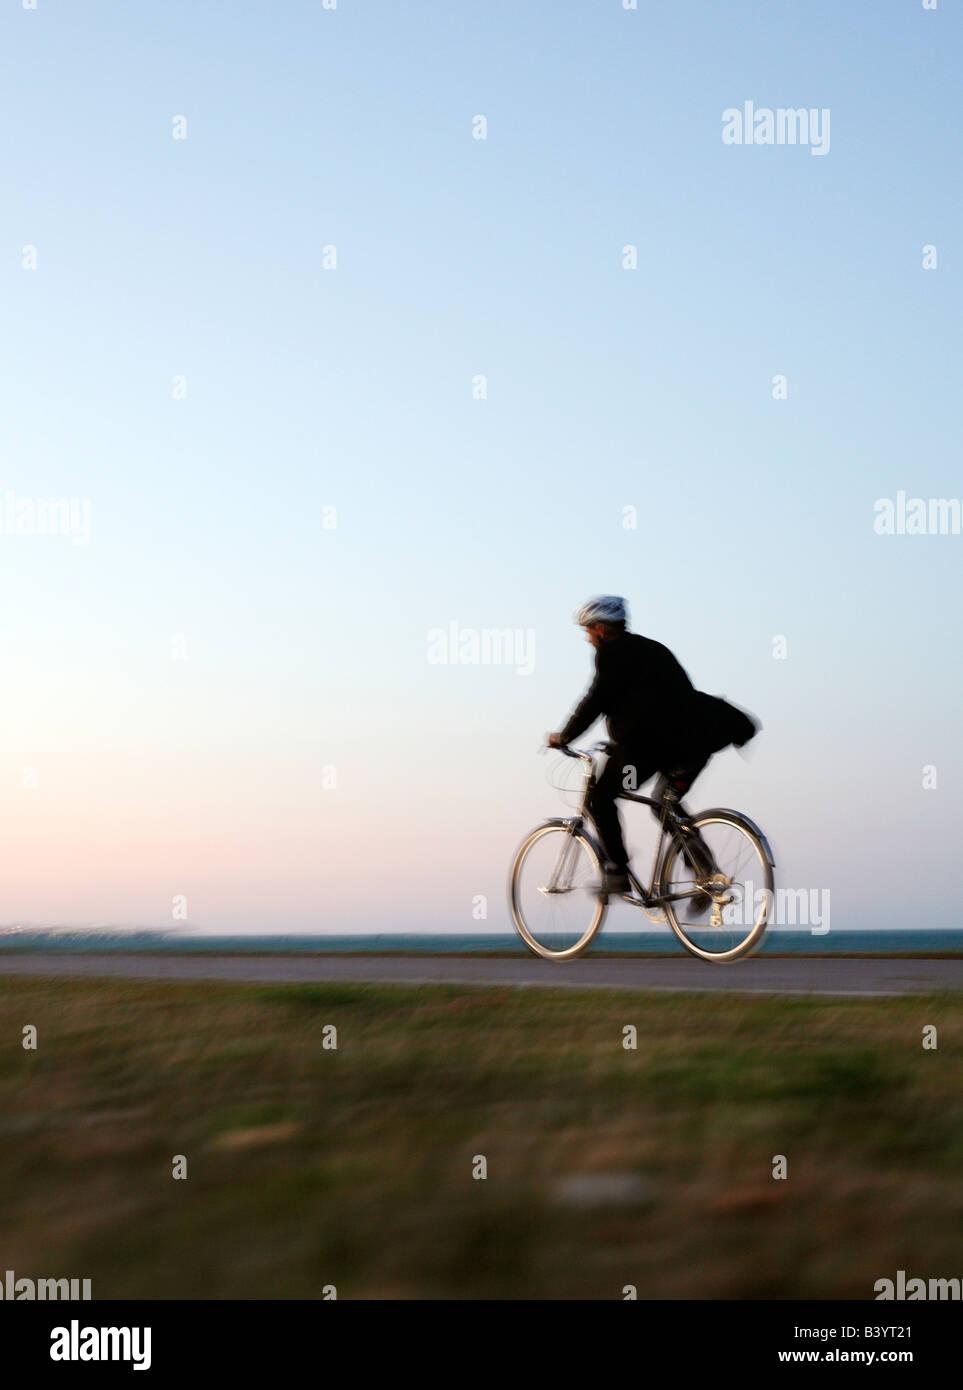 Mann im Anzug mit Fahrrad entlang der Seepromenade in Chicago in der Abenddämmerung (gesunder Lebensstil) Stockbild